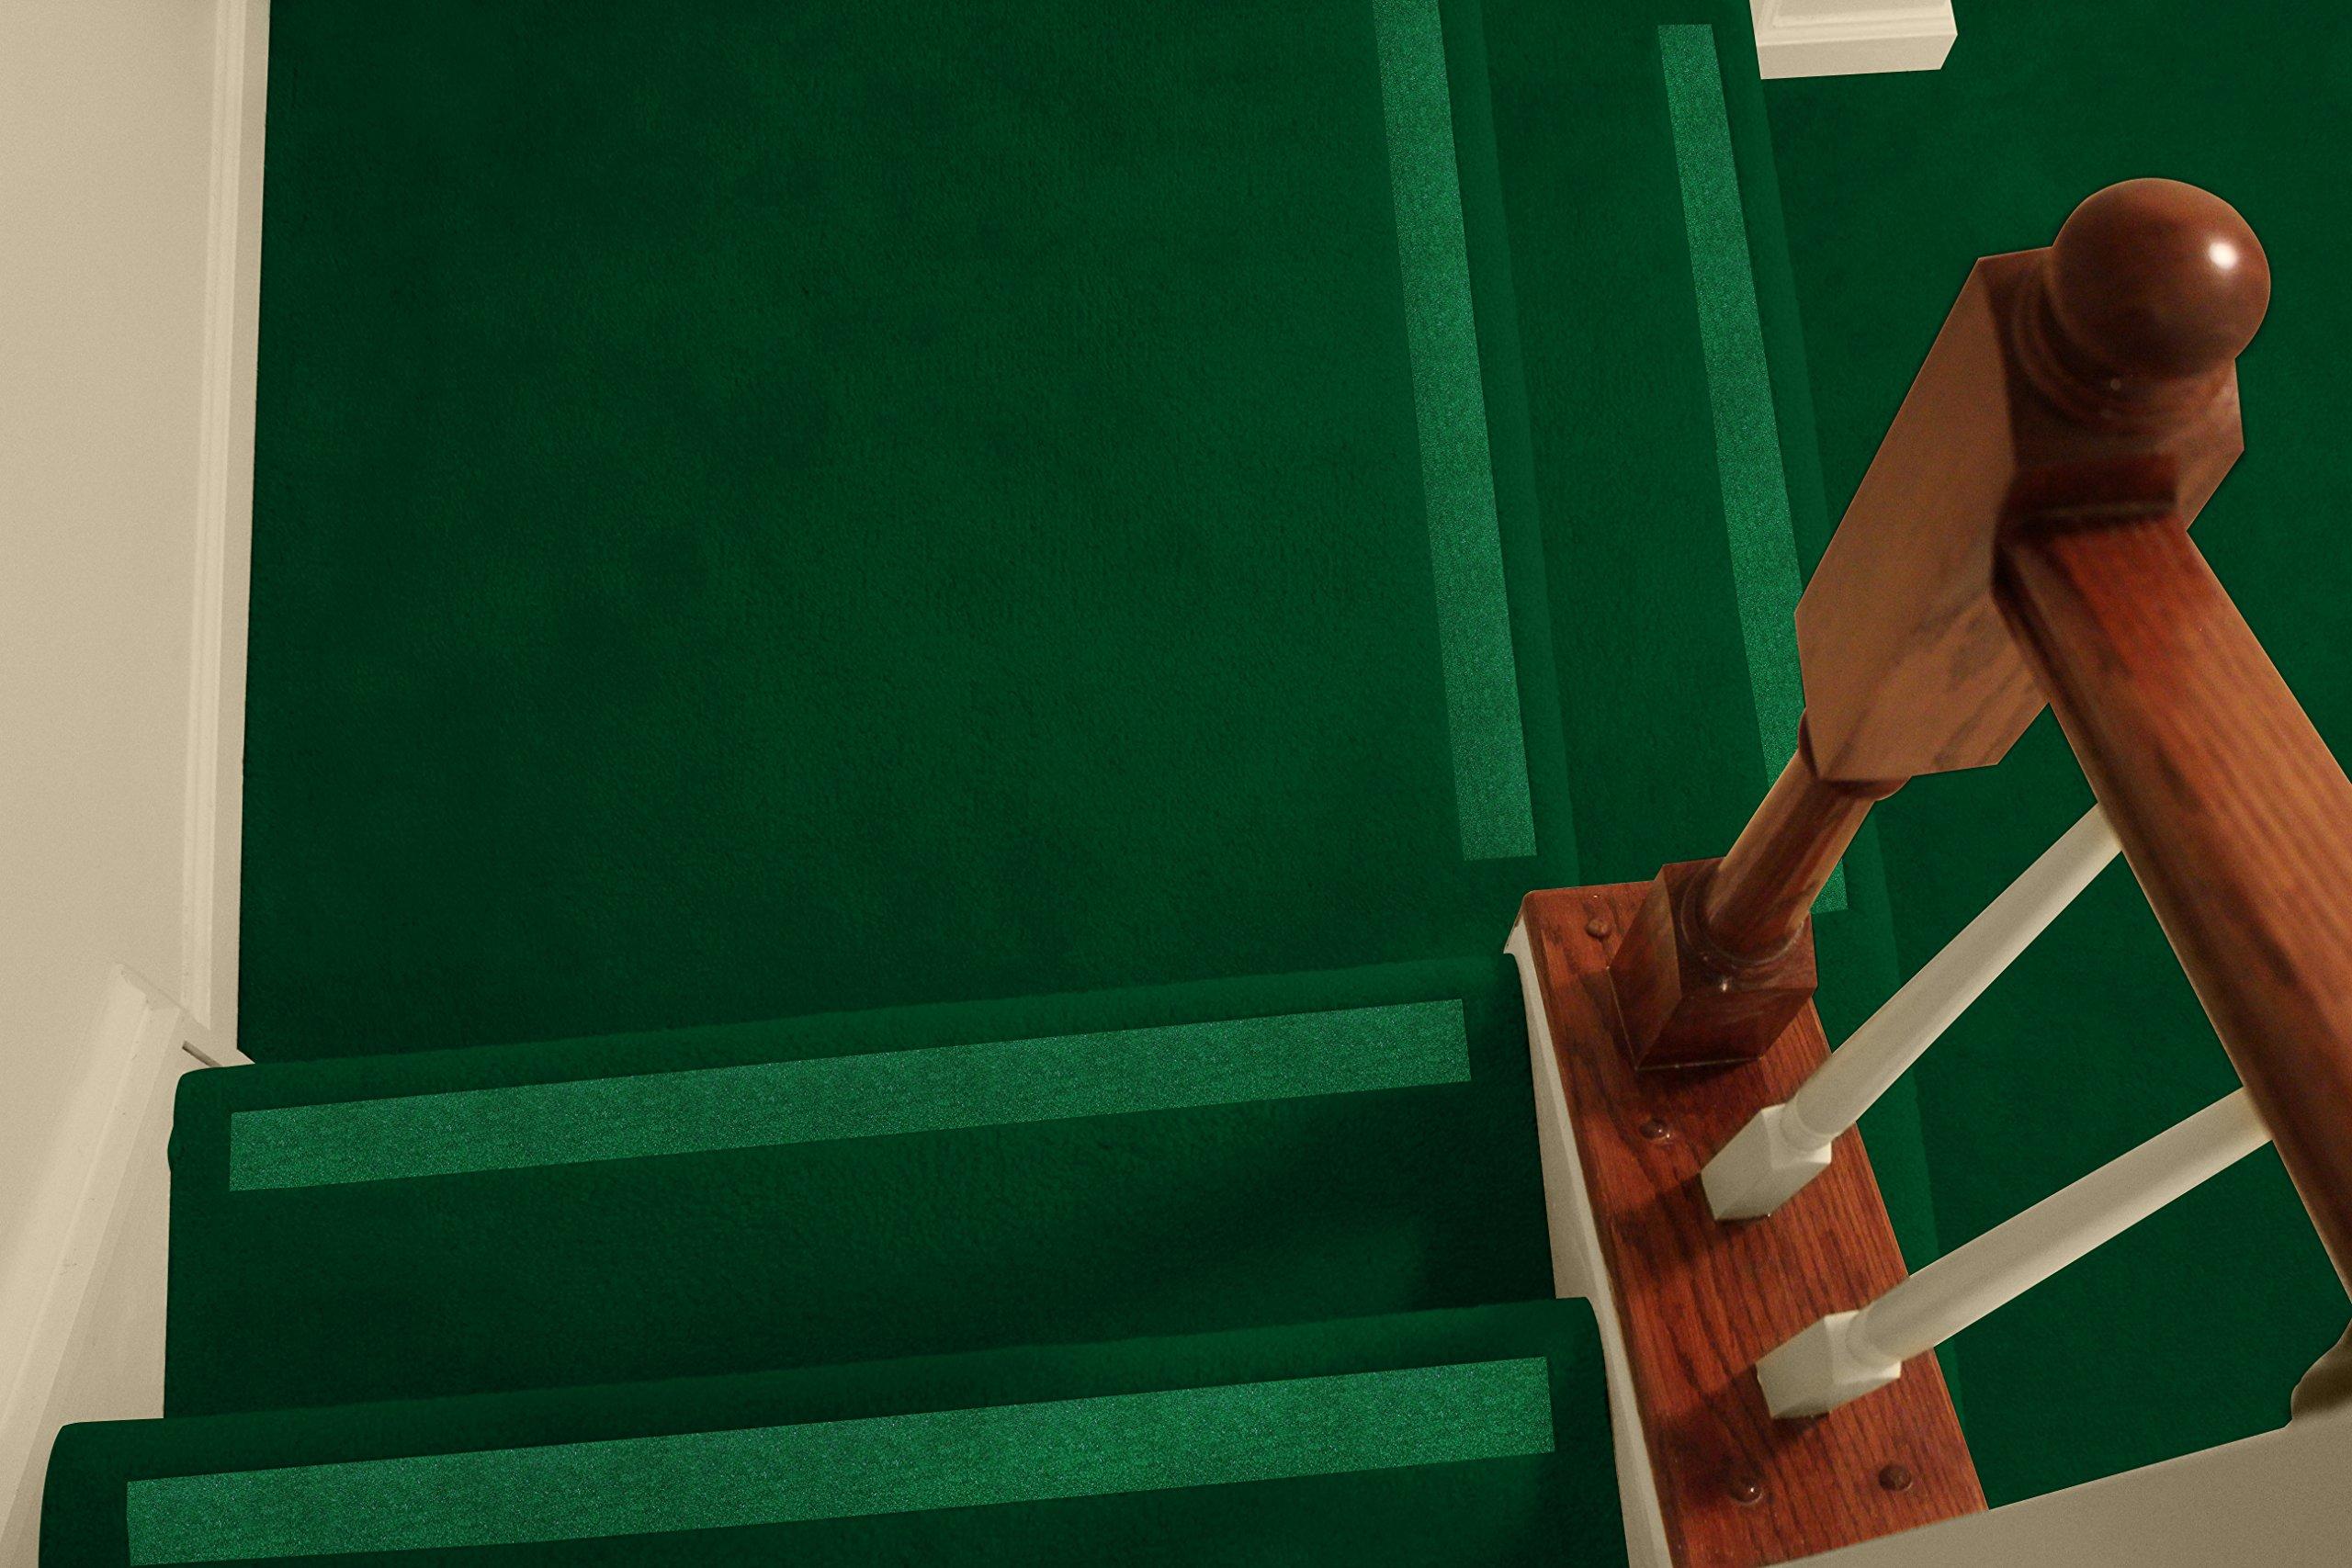 Antideslizante tiras – antideslizante peldaños para mayor seguridad en escaleras con moqueta: Amazon.es: Bricolaje y herramientas